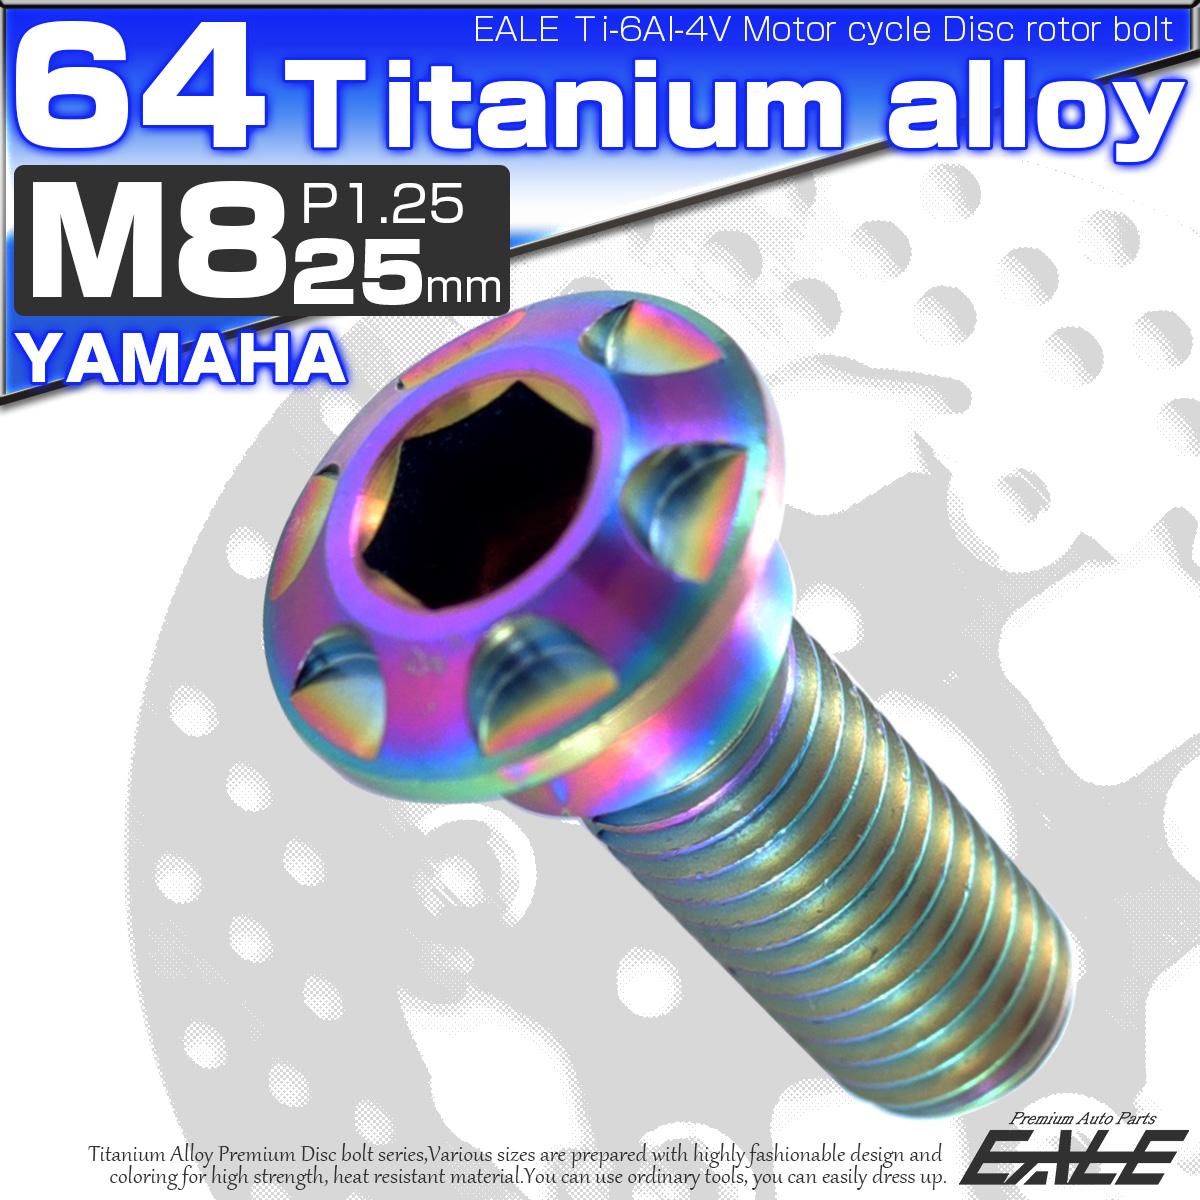 64チタン M8×25mm P=1.25 ブレーキディスク ローター ボルト ヤマハ車用 焼きチタン 虹色 JA076